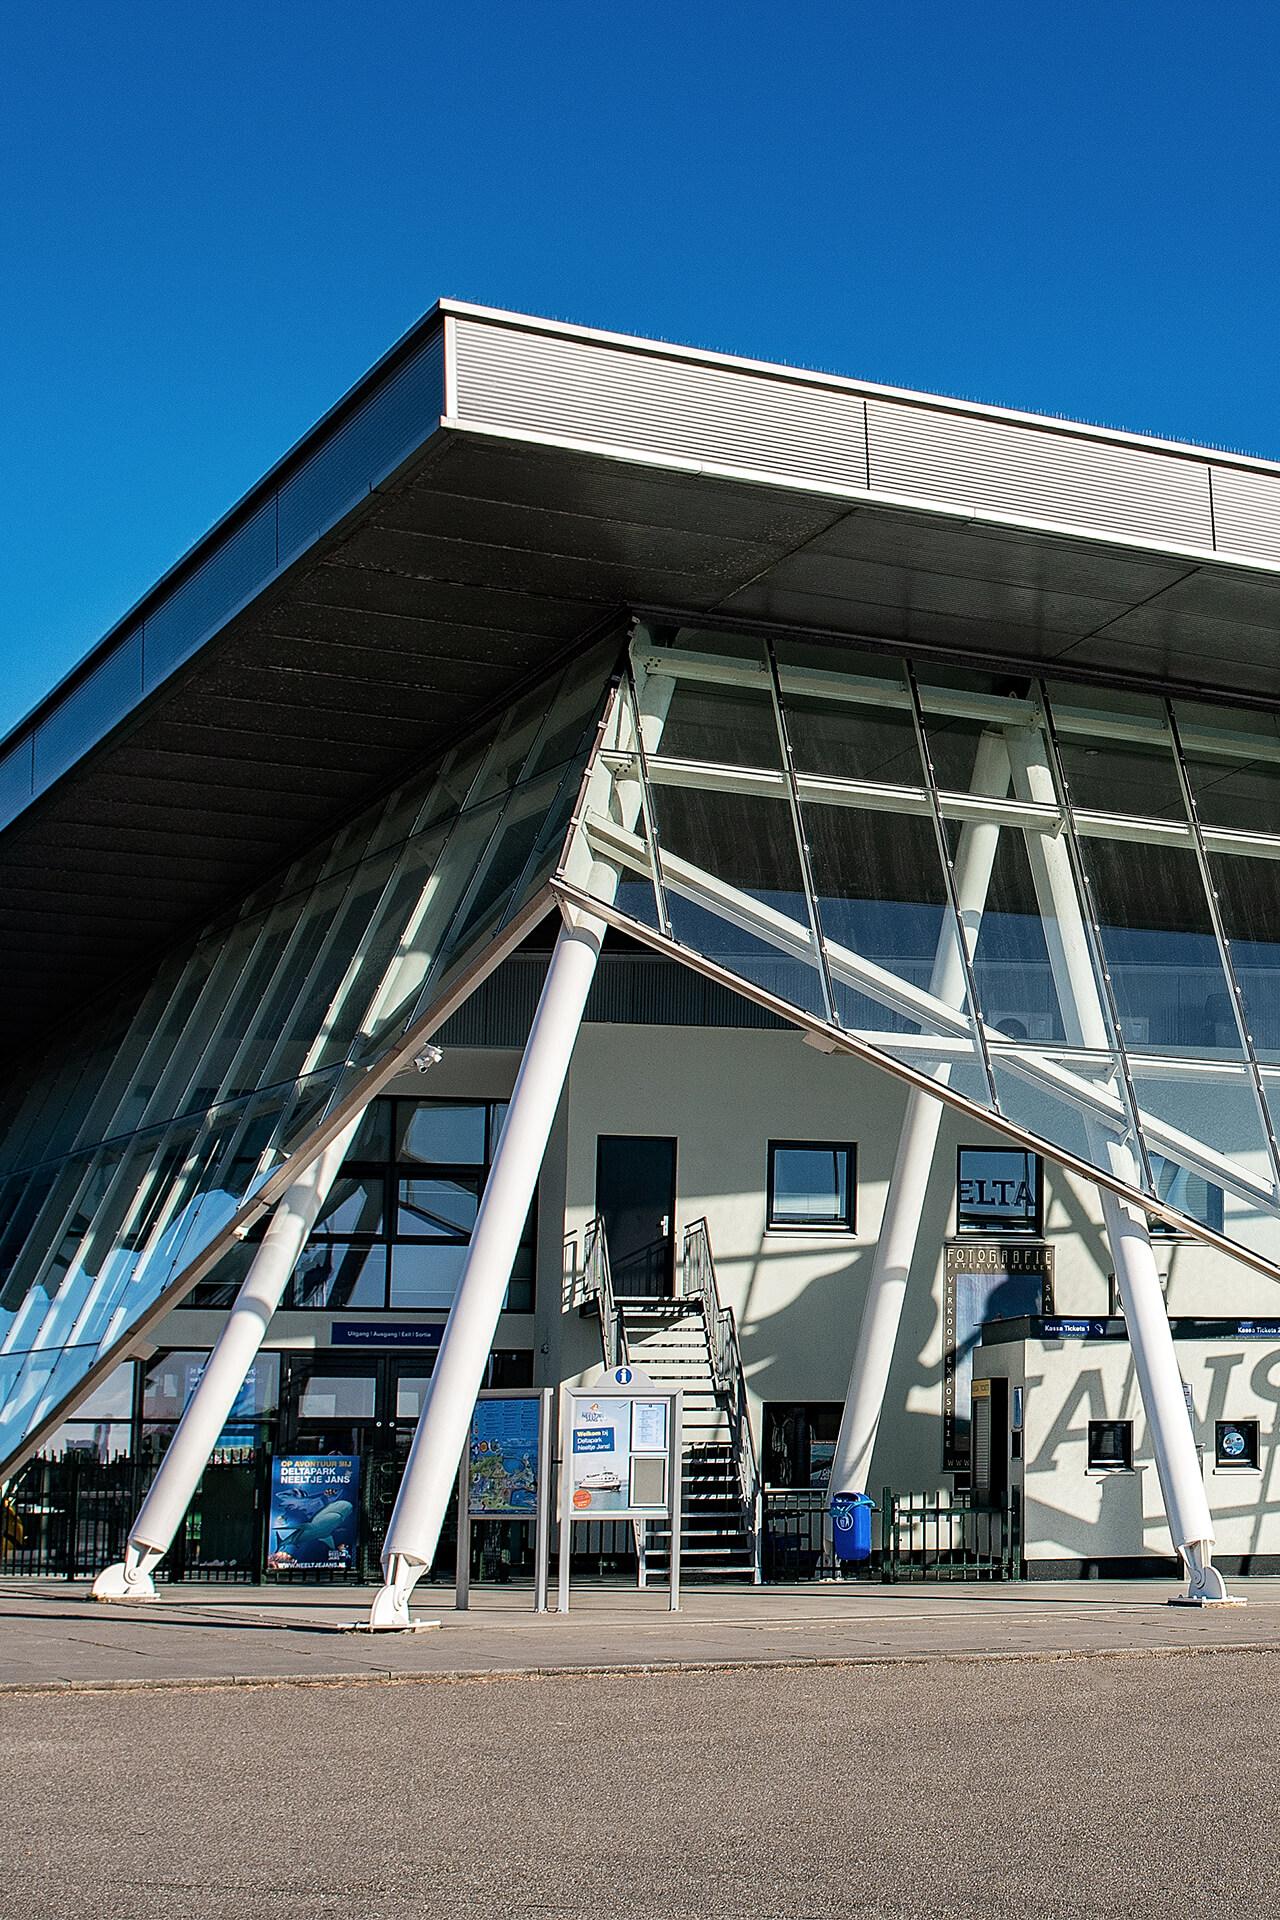 Unieke Architectuur - Delta Plaza Neeltje Jans (Vrouwenpolder) - toegang museum